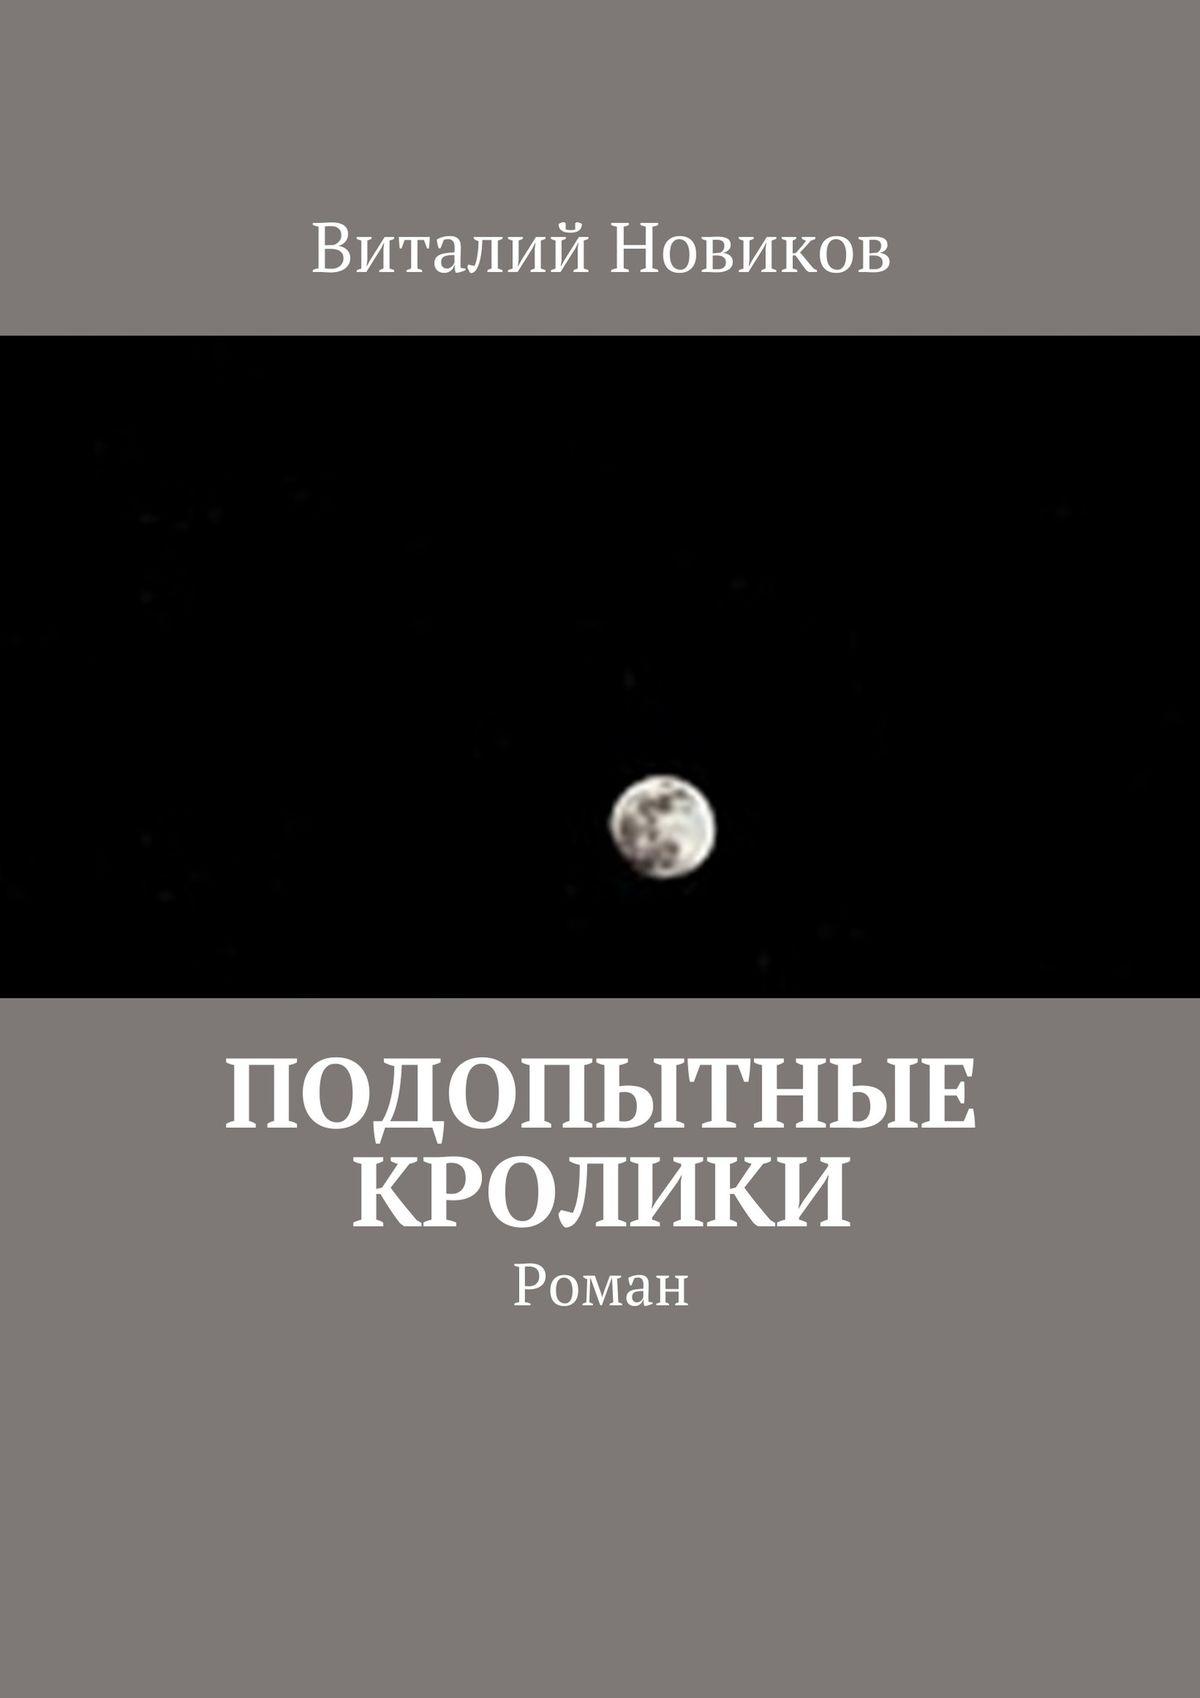 Виталий Новиков Подопытные кролики. Роман цена